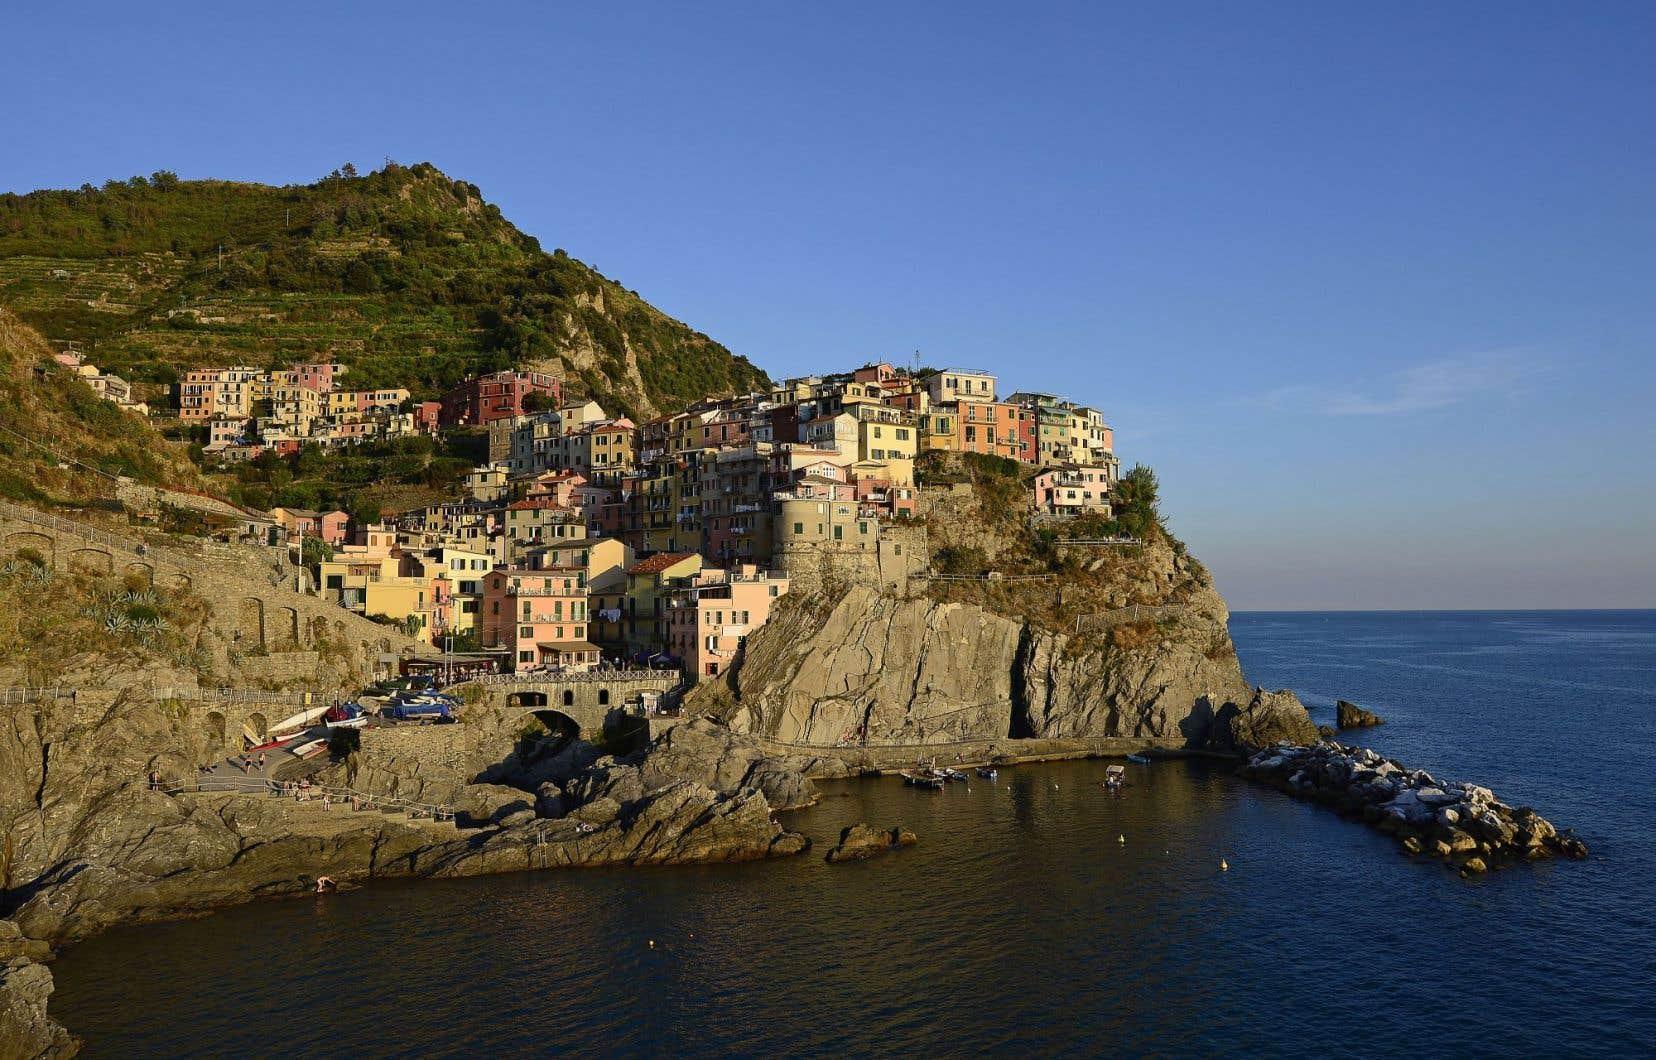 Une vue générale du village de Manarola, dans les Cinque Terre, en Italie